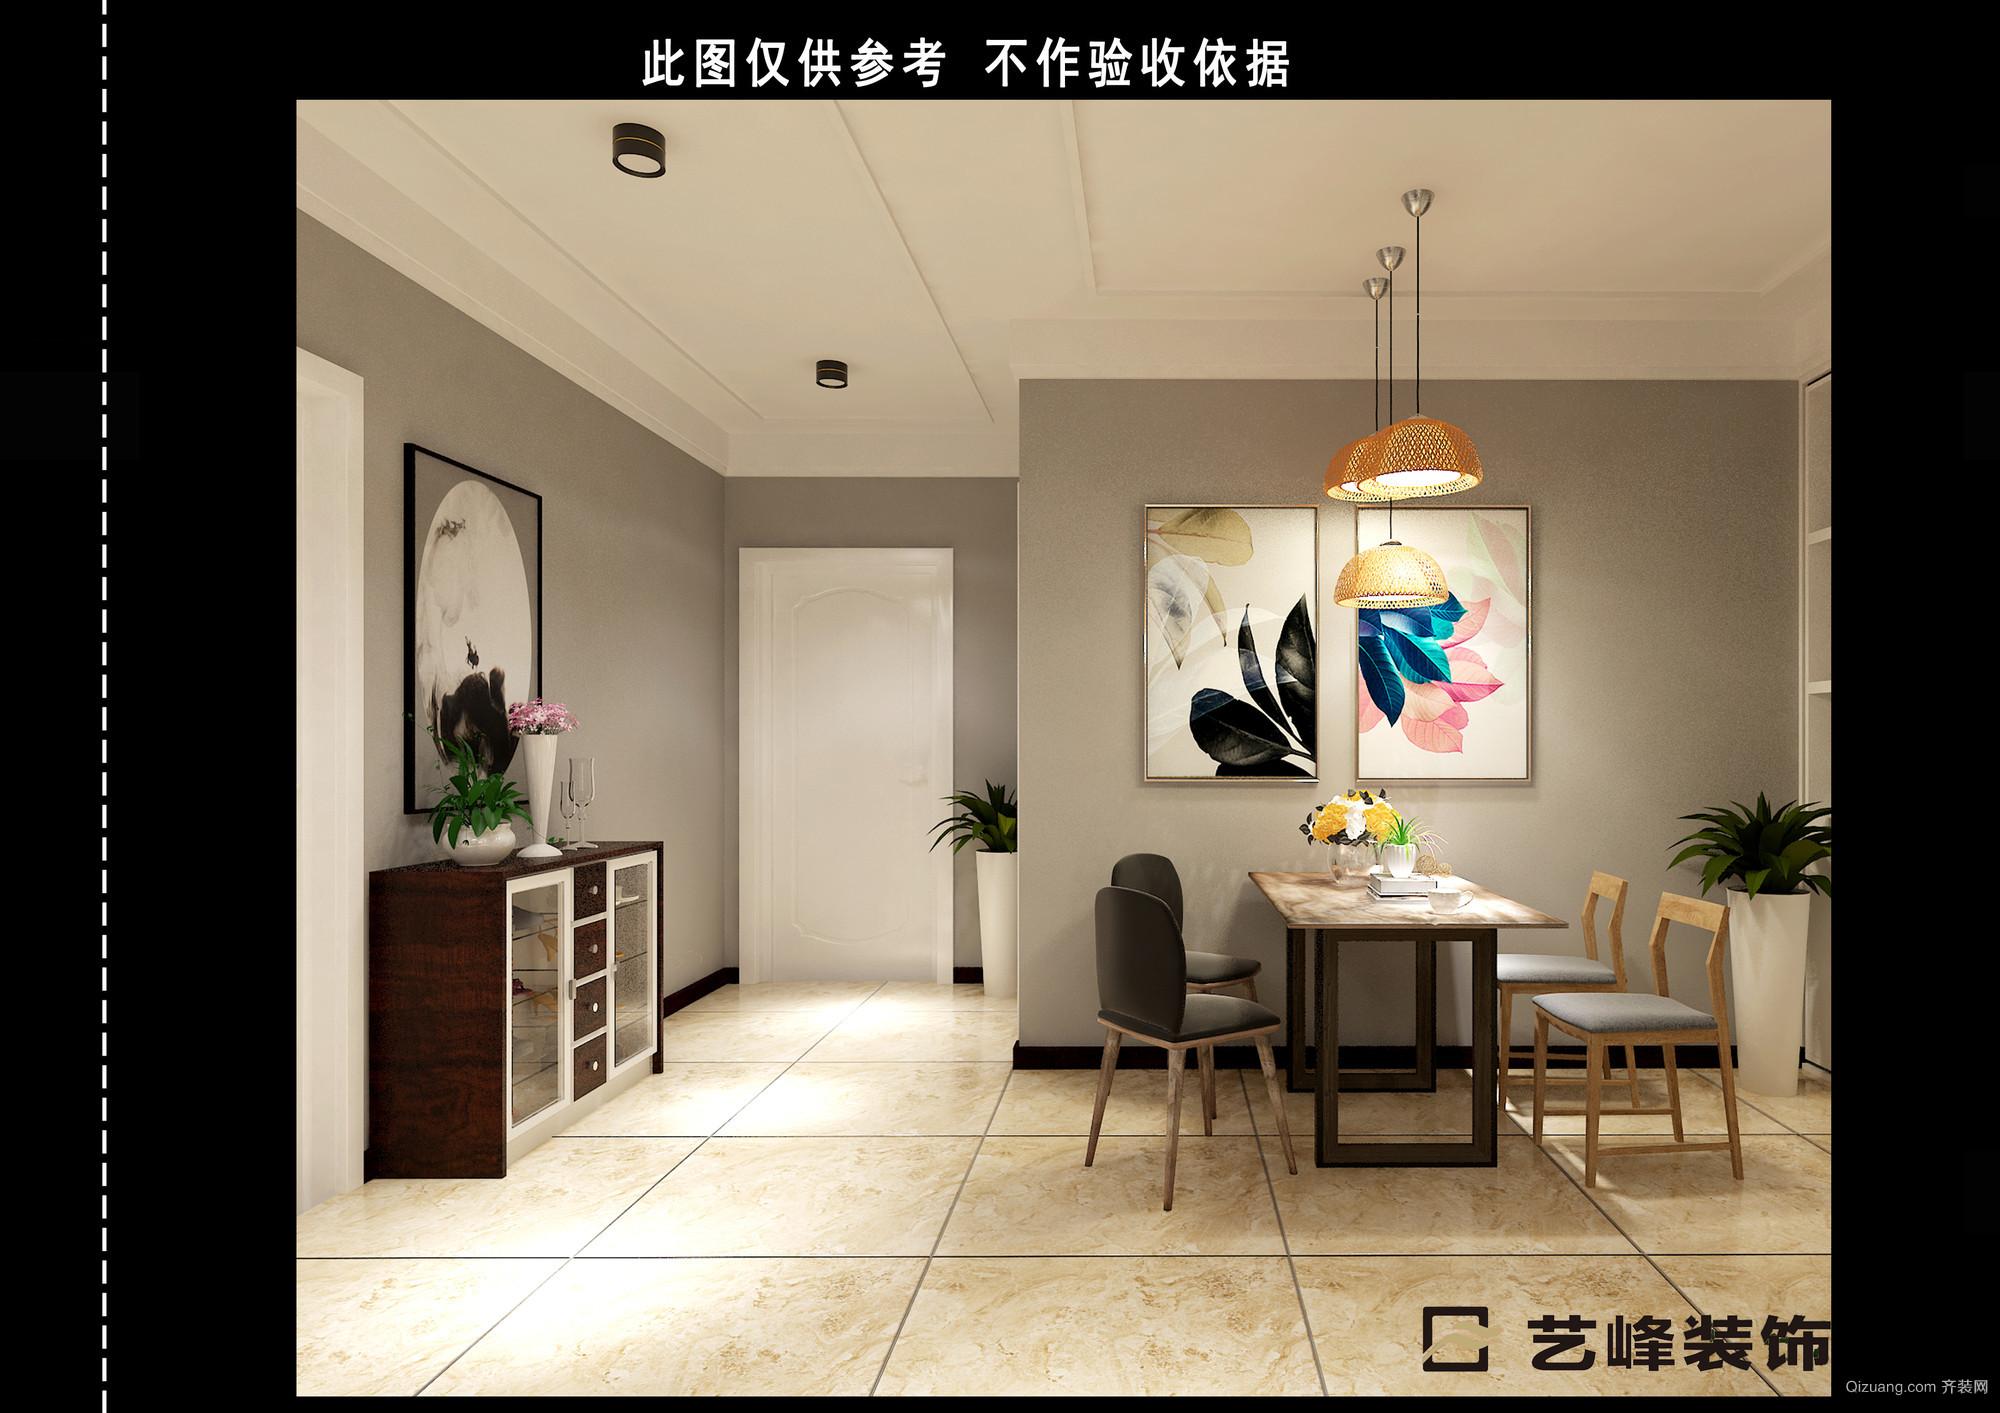 旺峰嘉苑现代简约装修效果图实景图